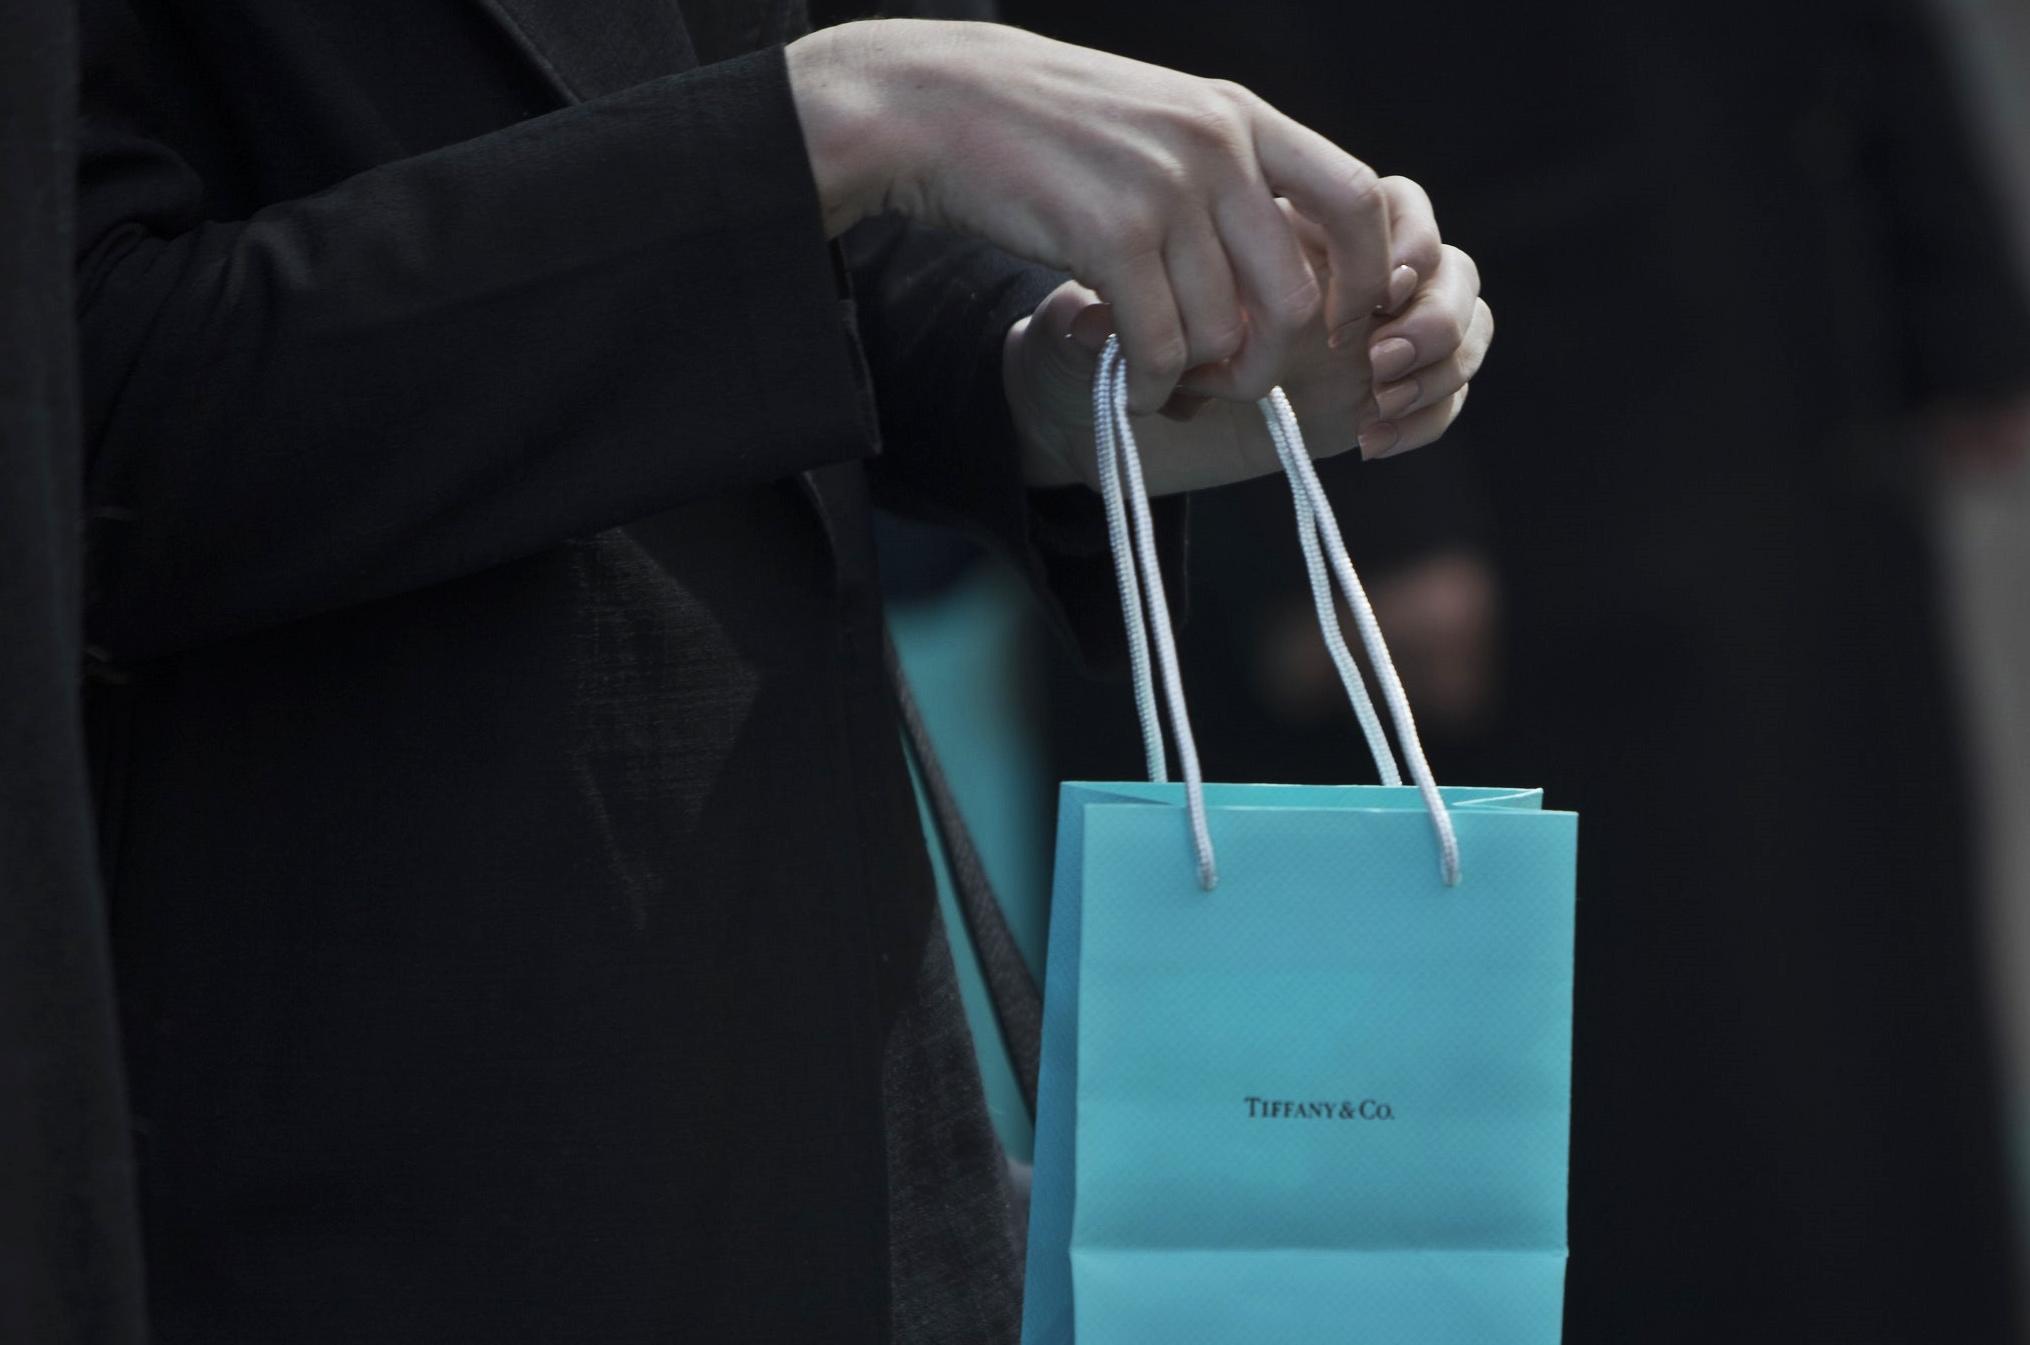 Fundação Tiffany&Co. anuncia doação milionária para o combate à Covid-19